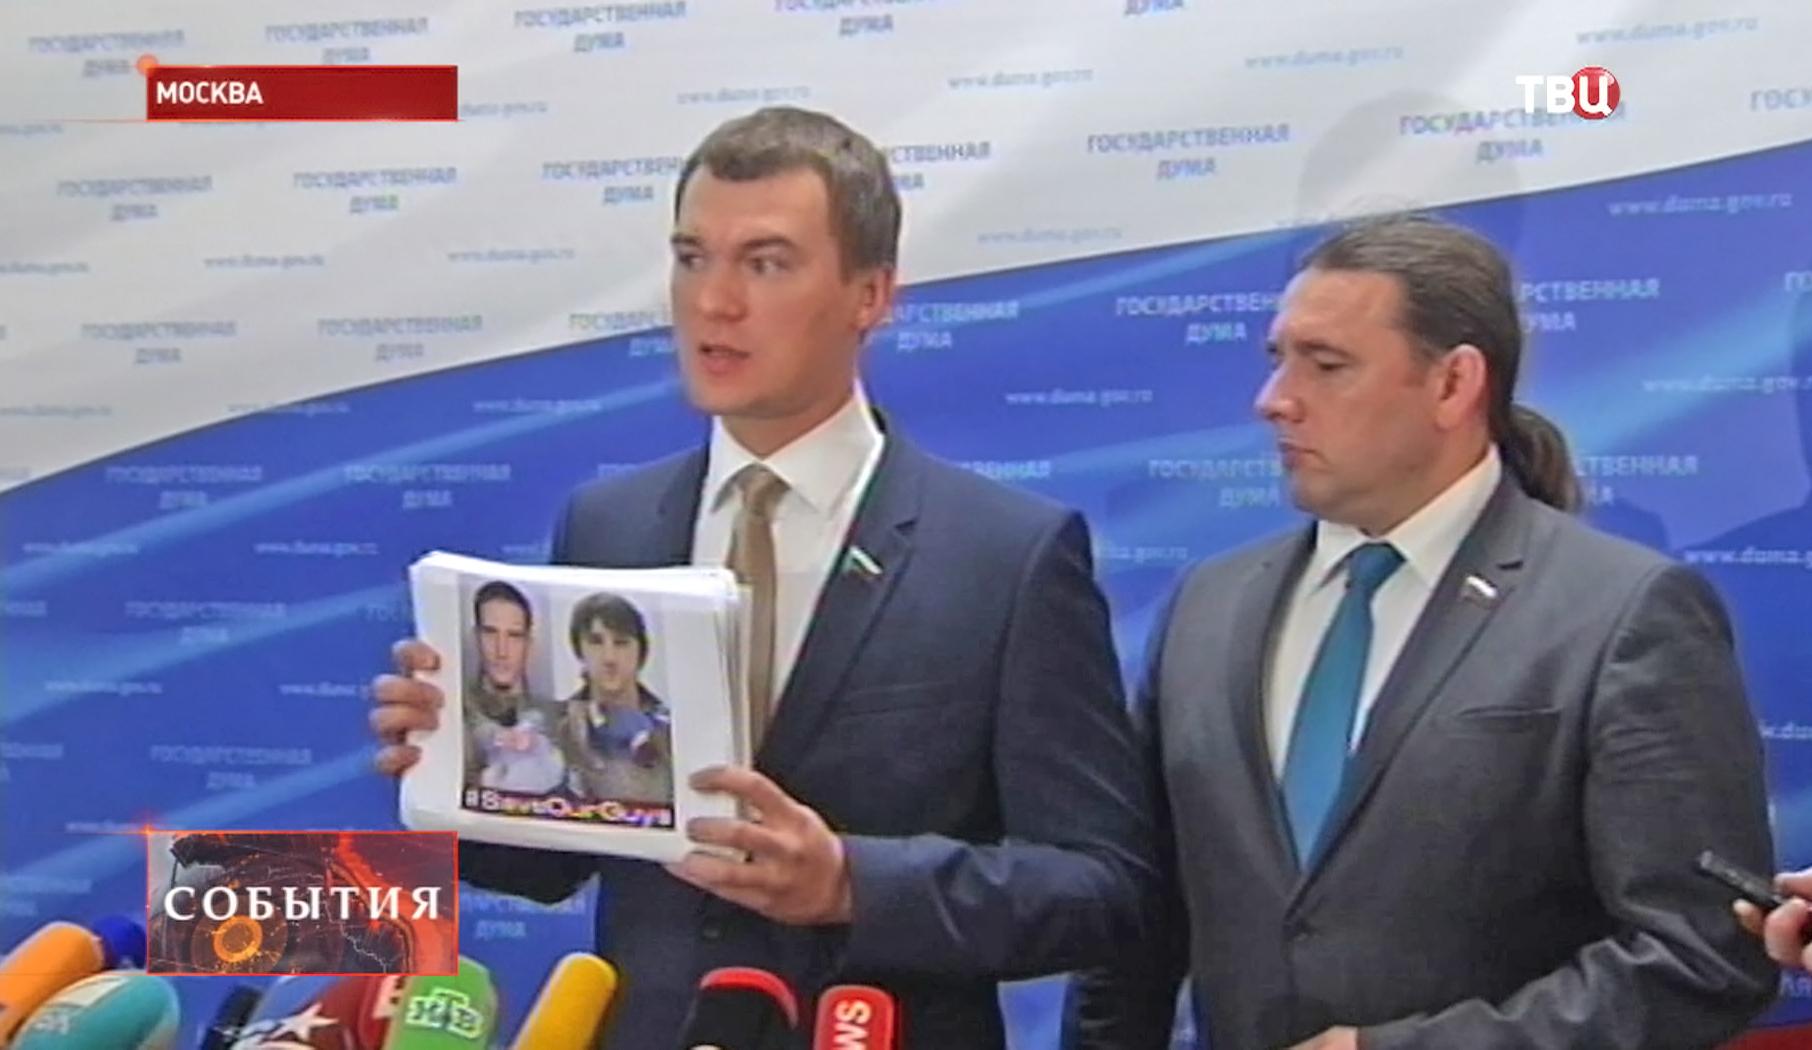 Депутат Госдумы от фракции ЛДПР Михаил Дегтярев